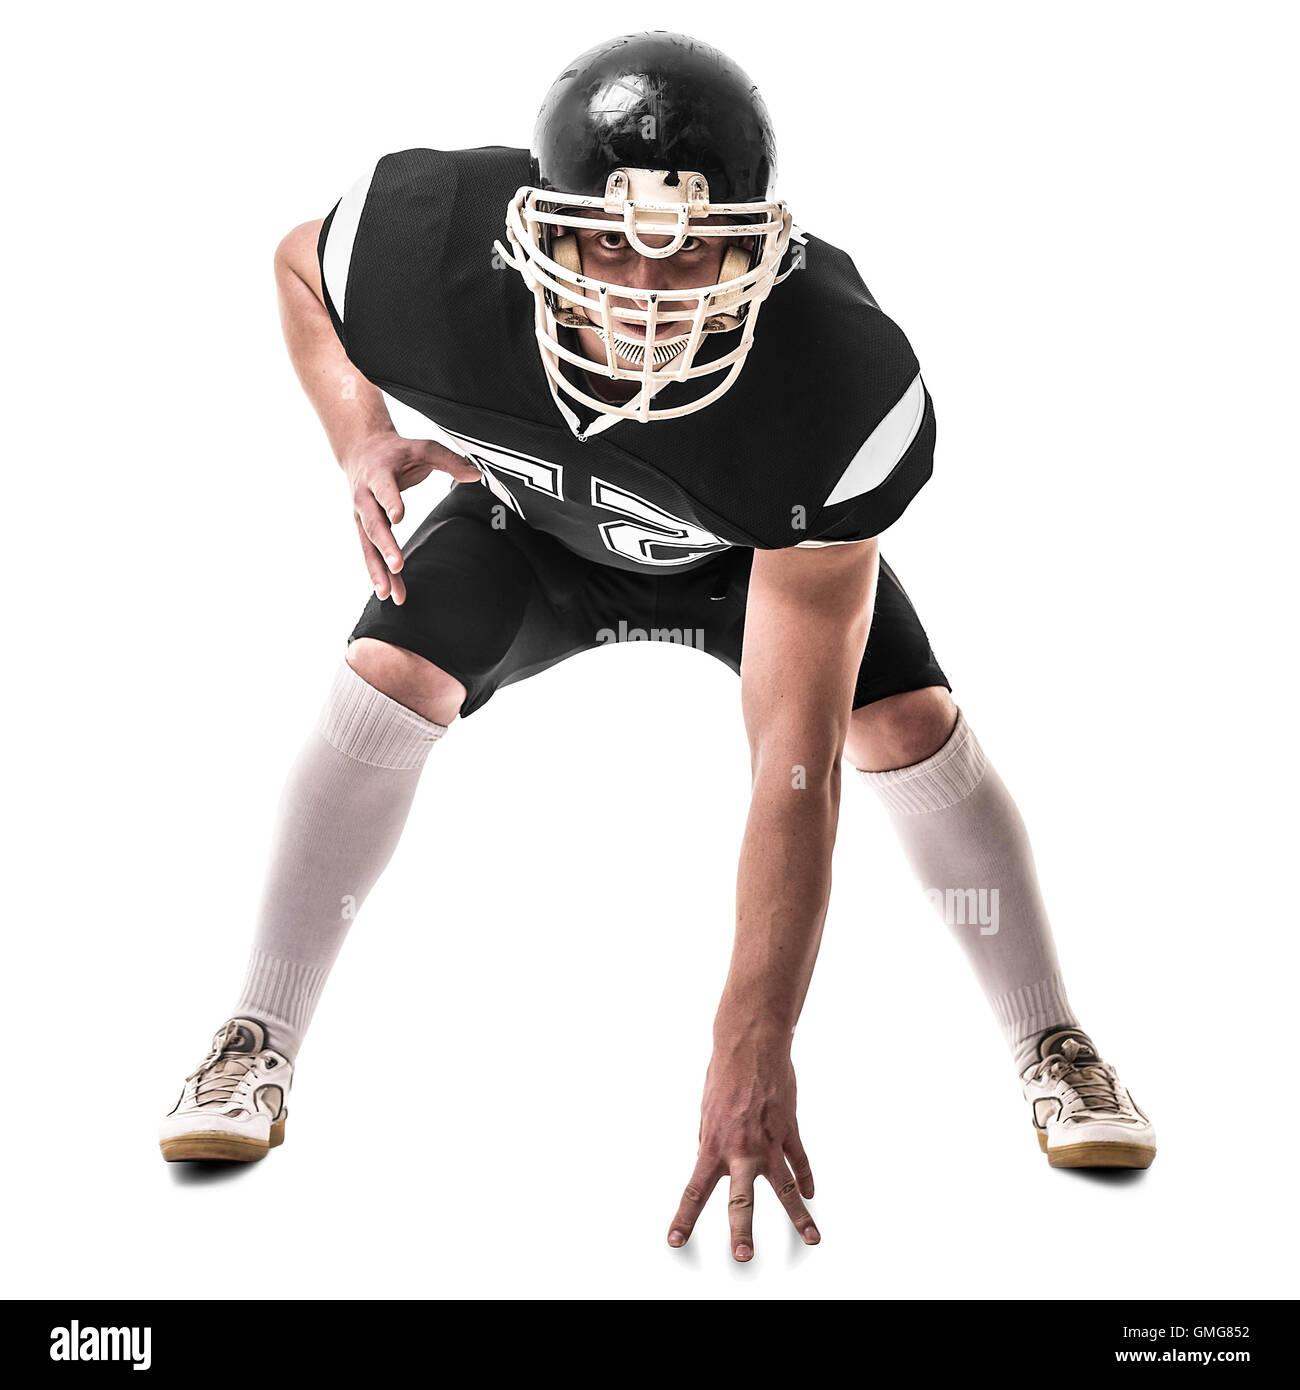 Joueur de football américain isolé sur fond blanc Photo Stock